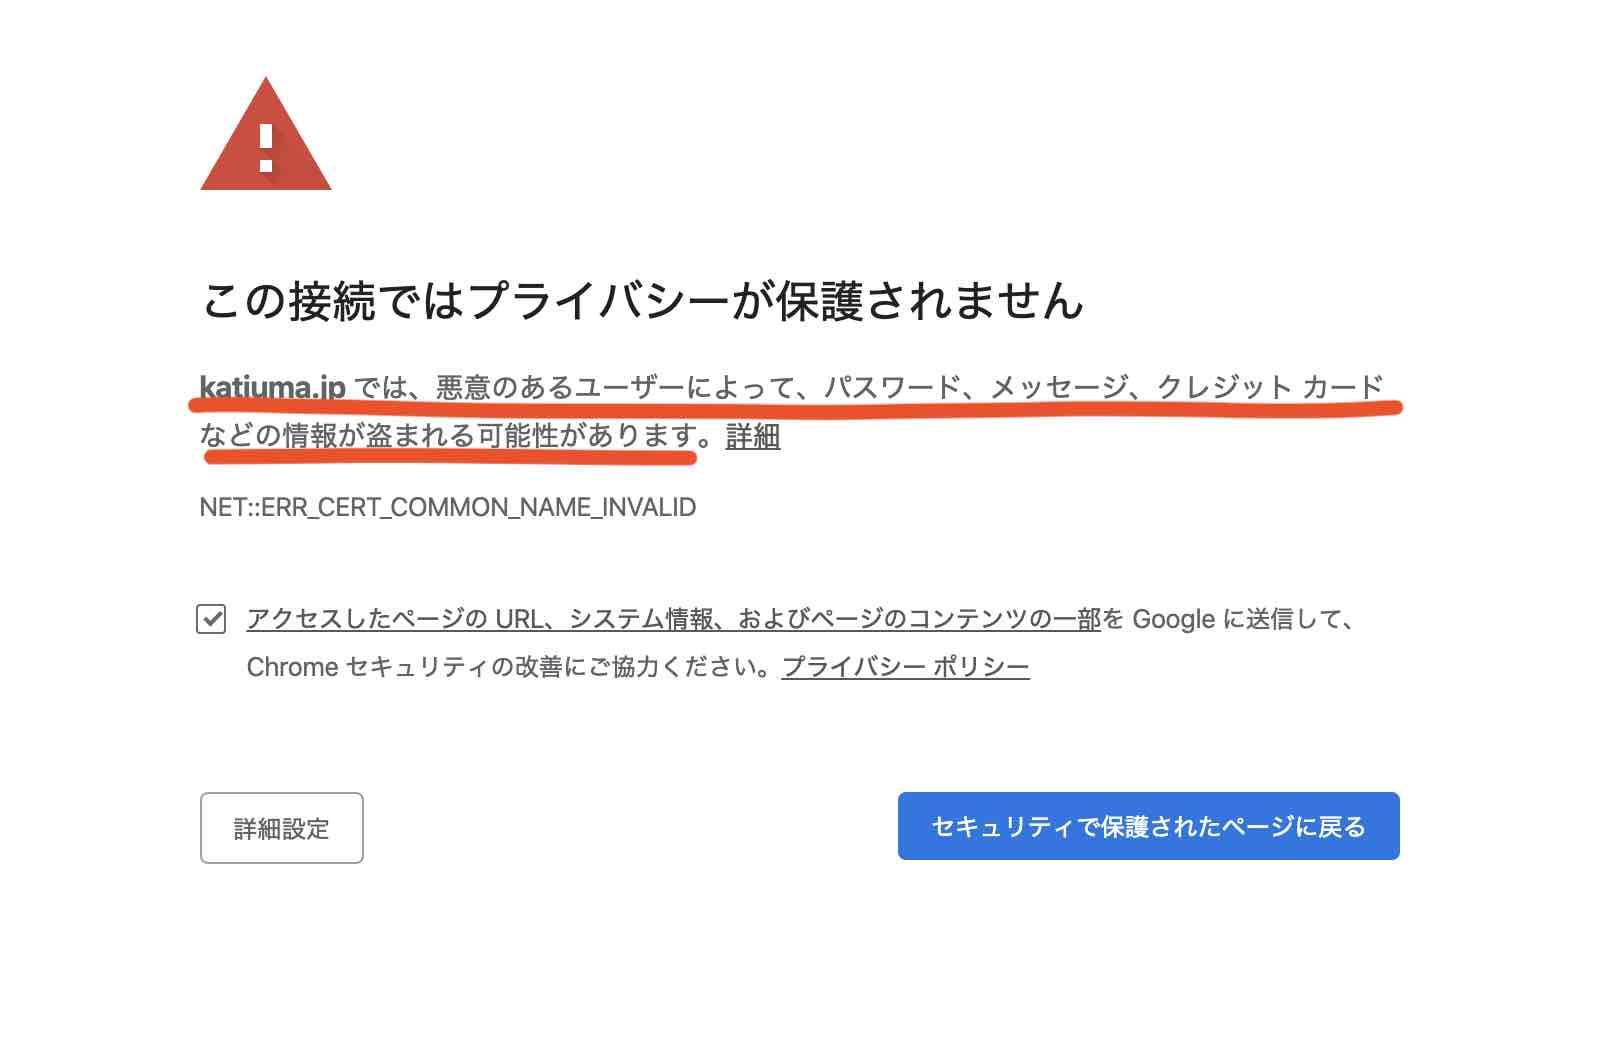 栄光の勝馬という競馬予想サイトの警告メッセージ